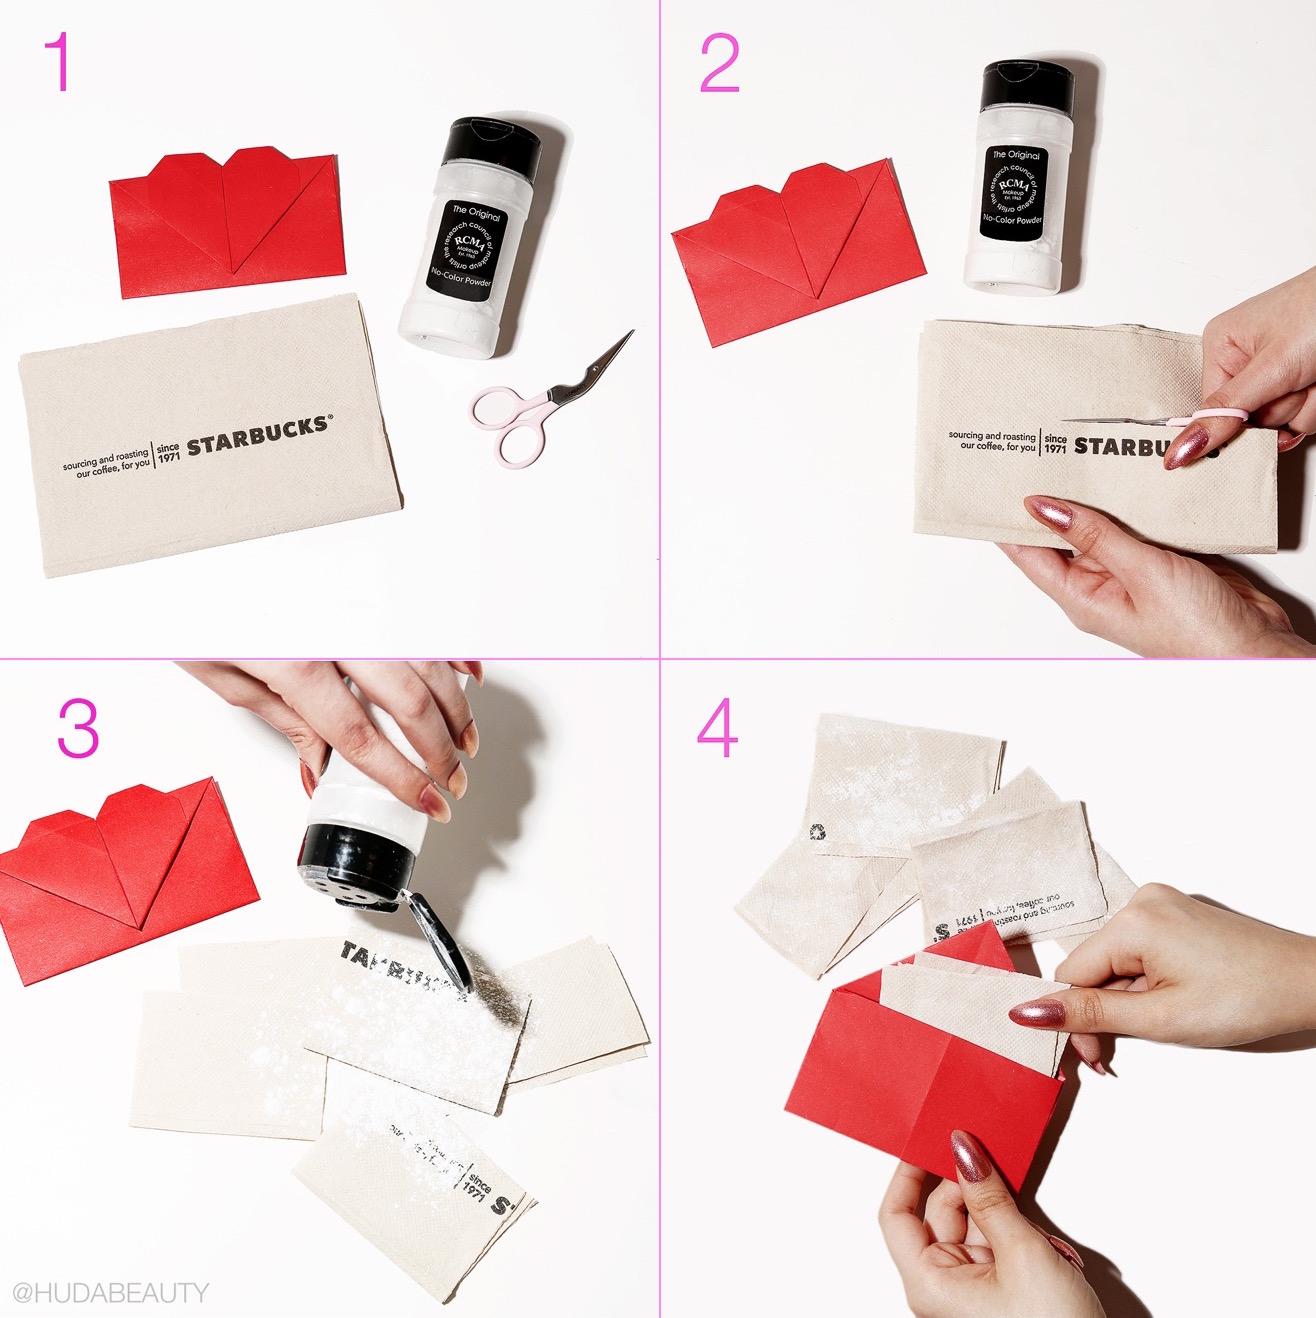 Easy DIY blotting papers